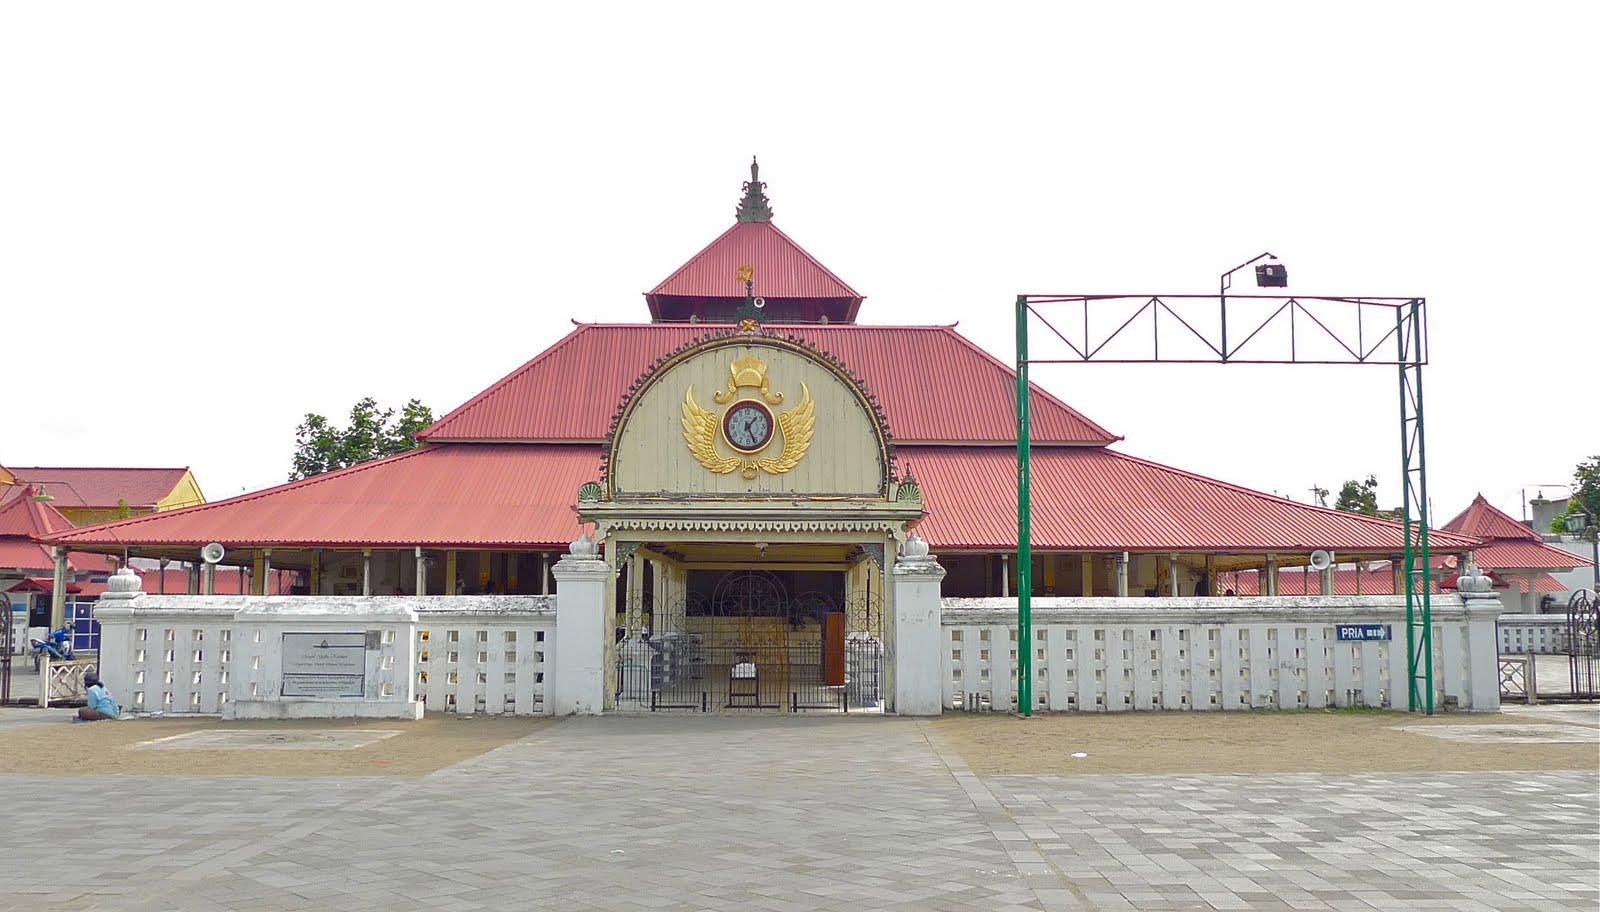 Wisata Religi Masjid Gedhe Kauman Yogyakarta Pariwisata Kota